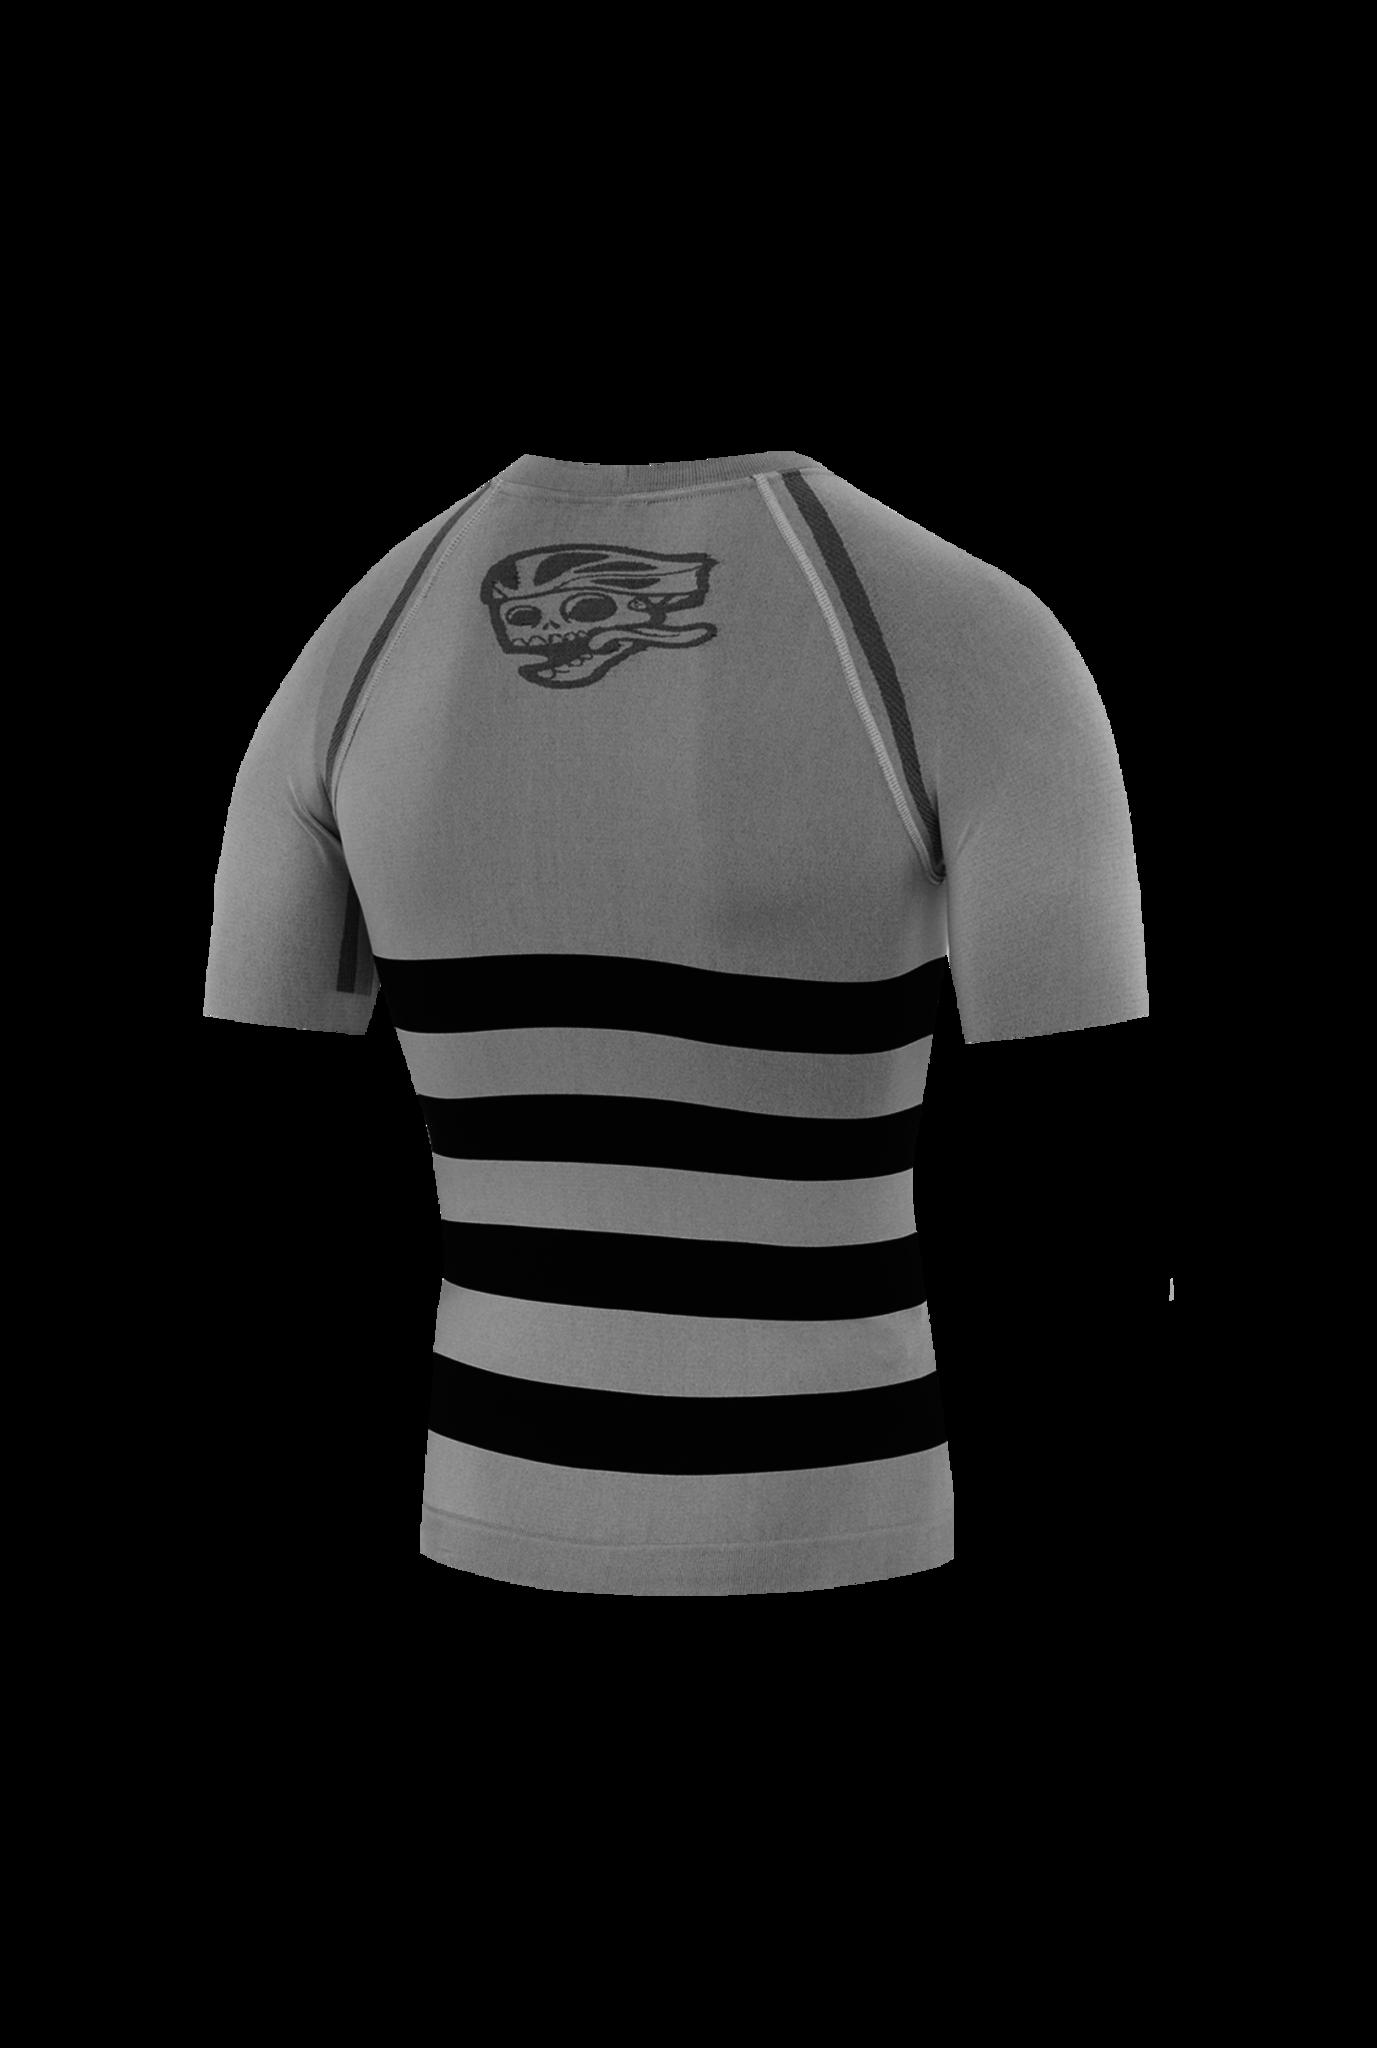 Attaquer Undershirt (Winter Weight)-2